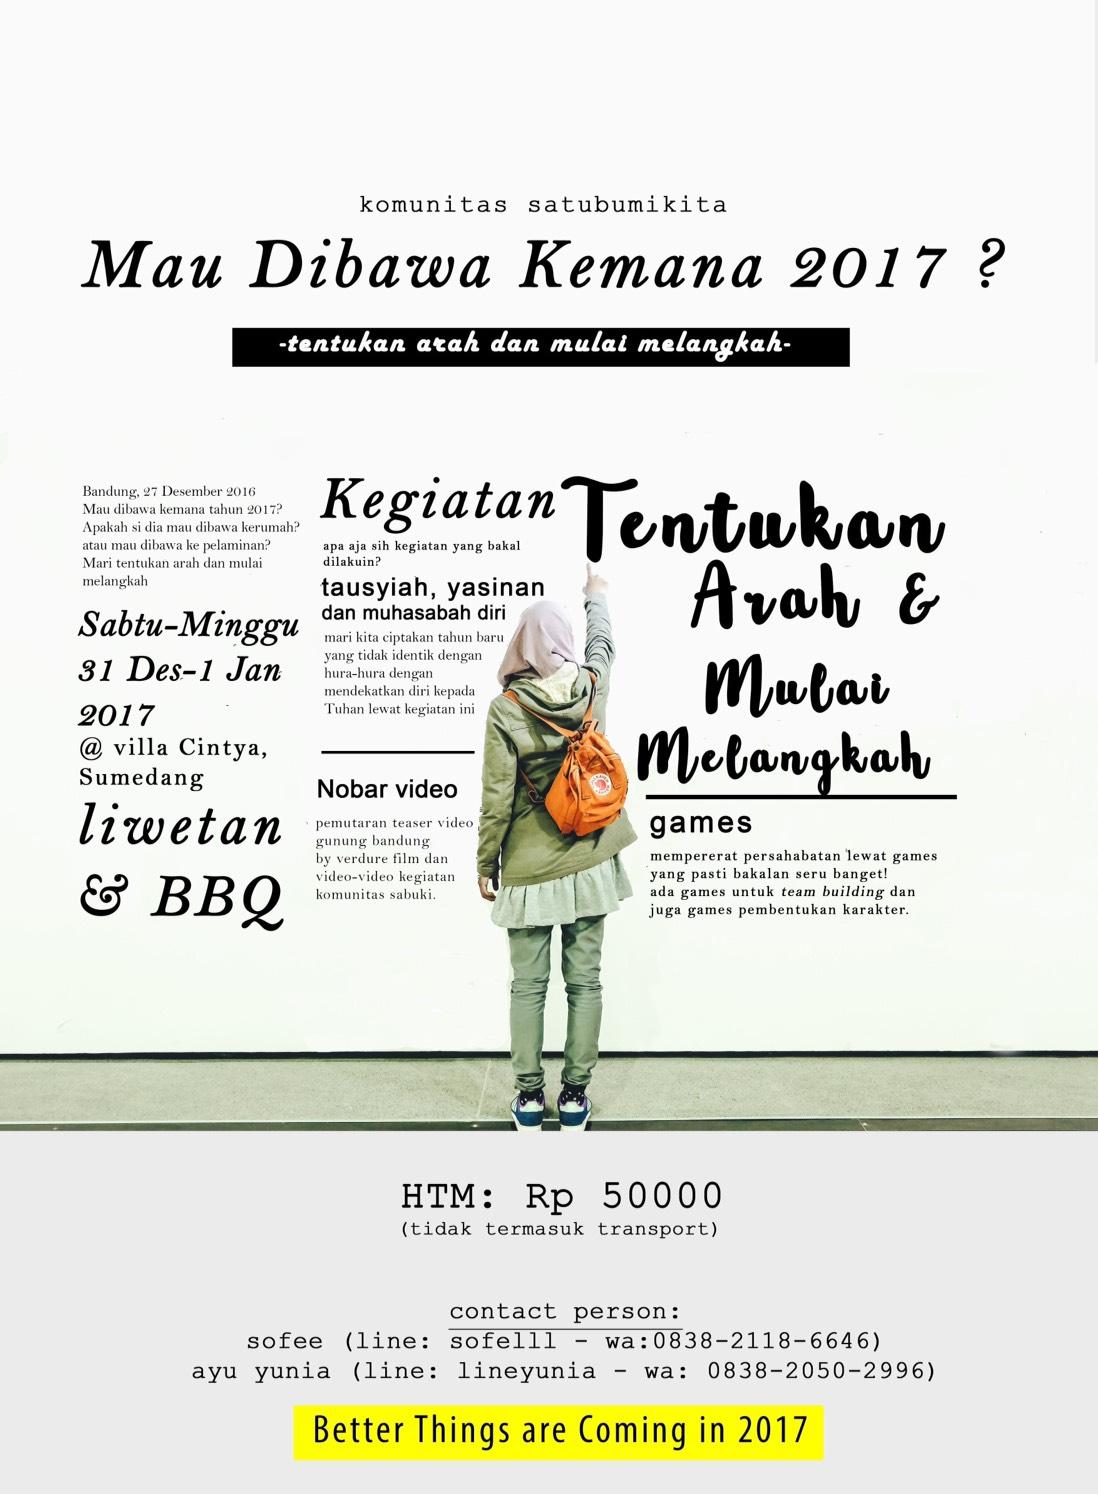 Mau Dibawa Kemana 2017? 31 Des - 01 Jan, Villa Sumedang